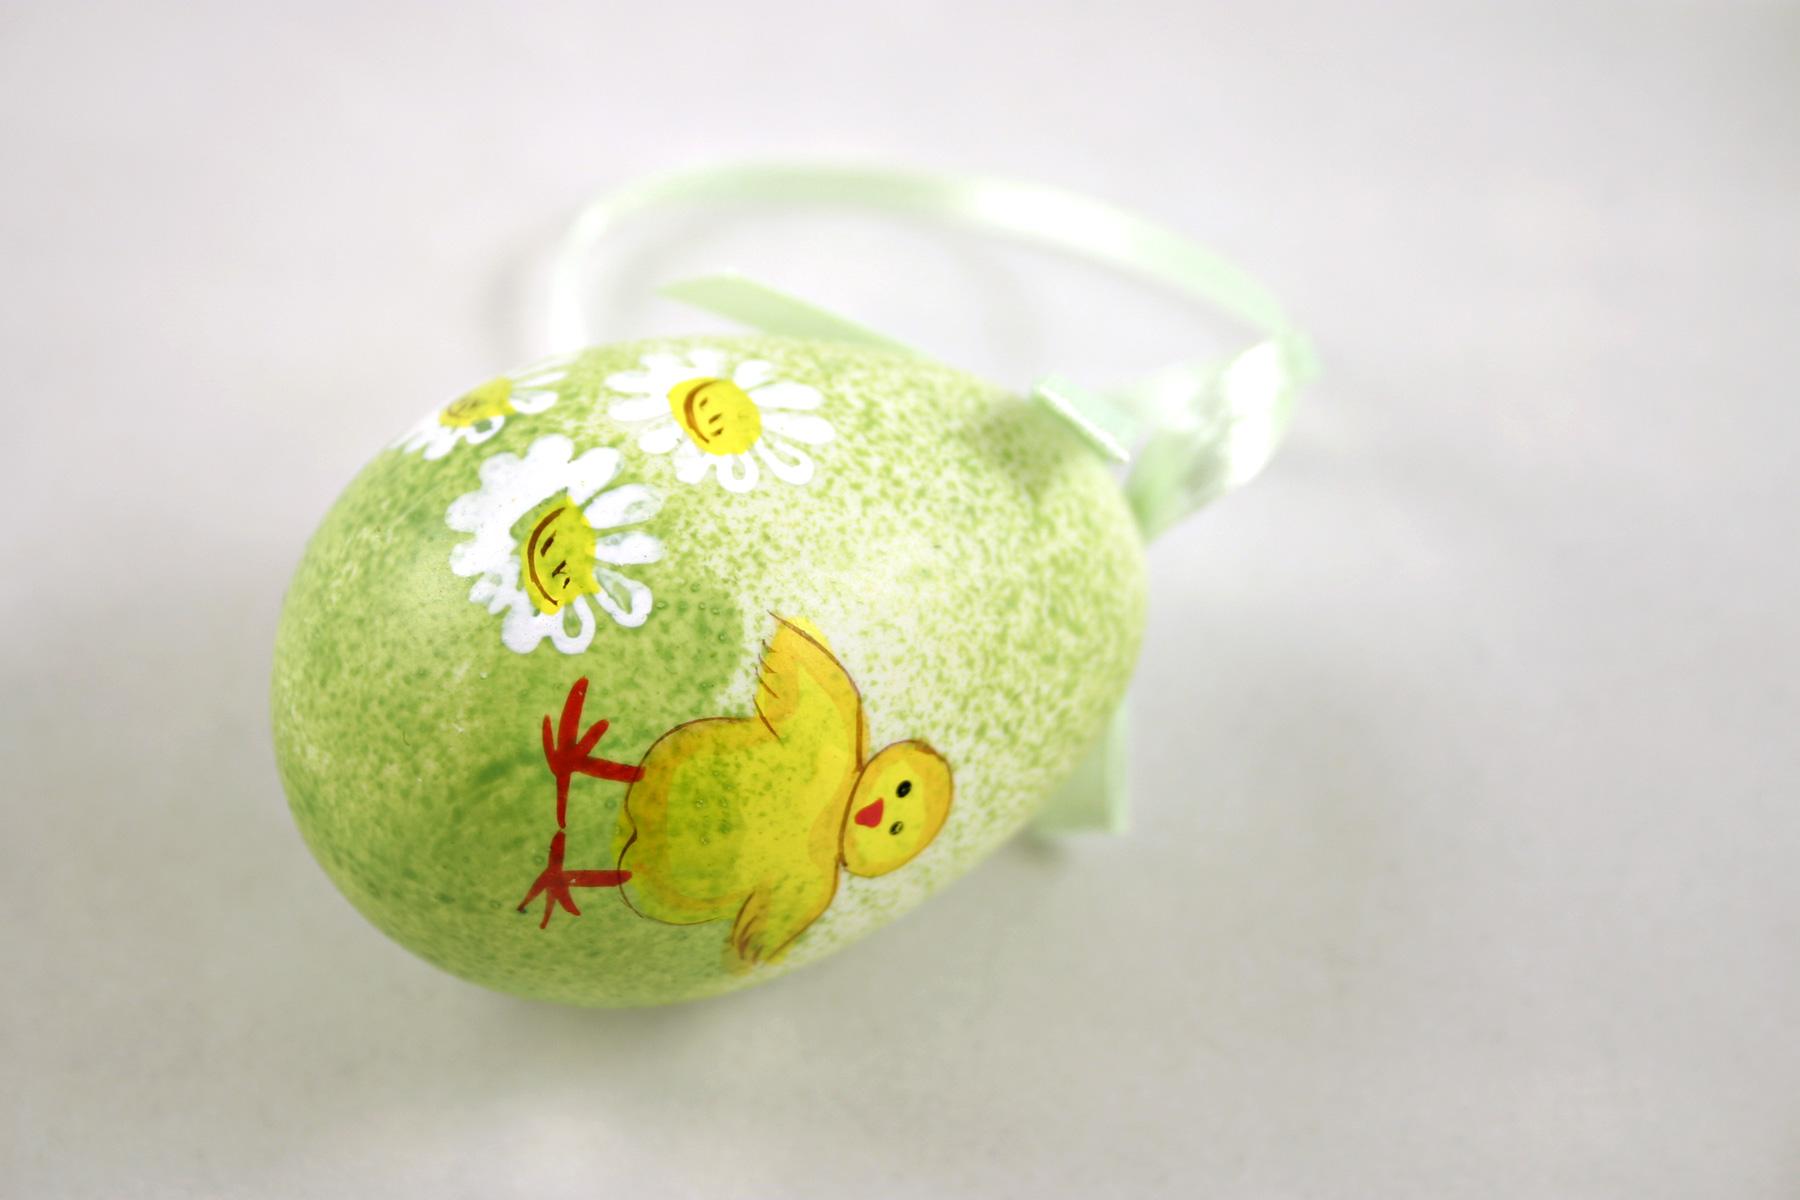 Green easter egg, Chicken, Easter, Egg, Flowers, HQ Photo